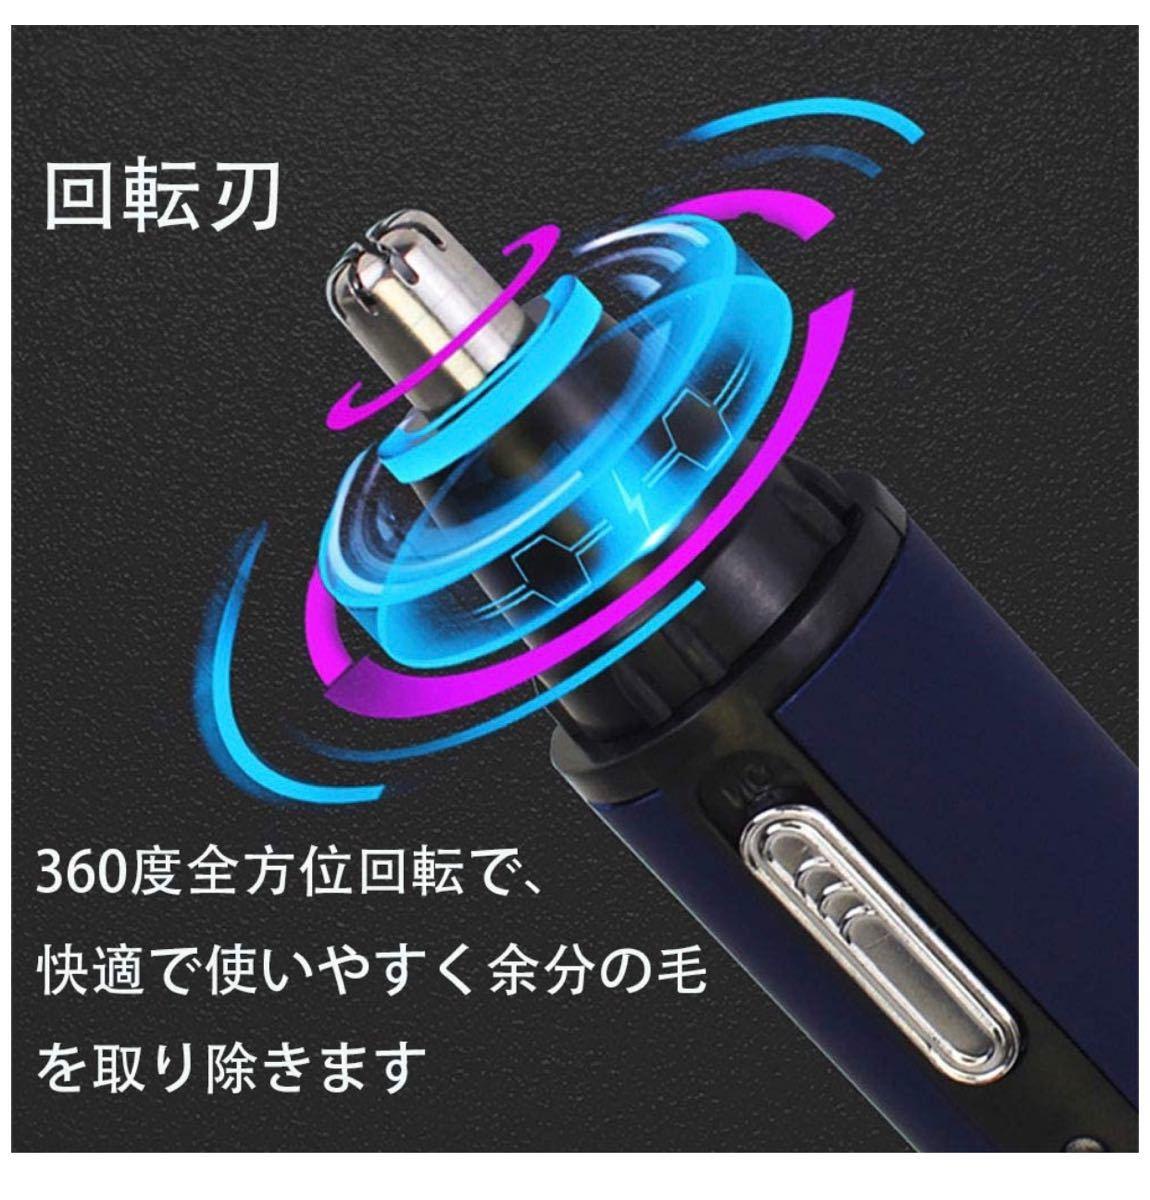 新品・送料無料 電動鼻毛カッター USB充電式